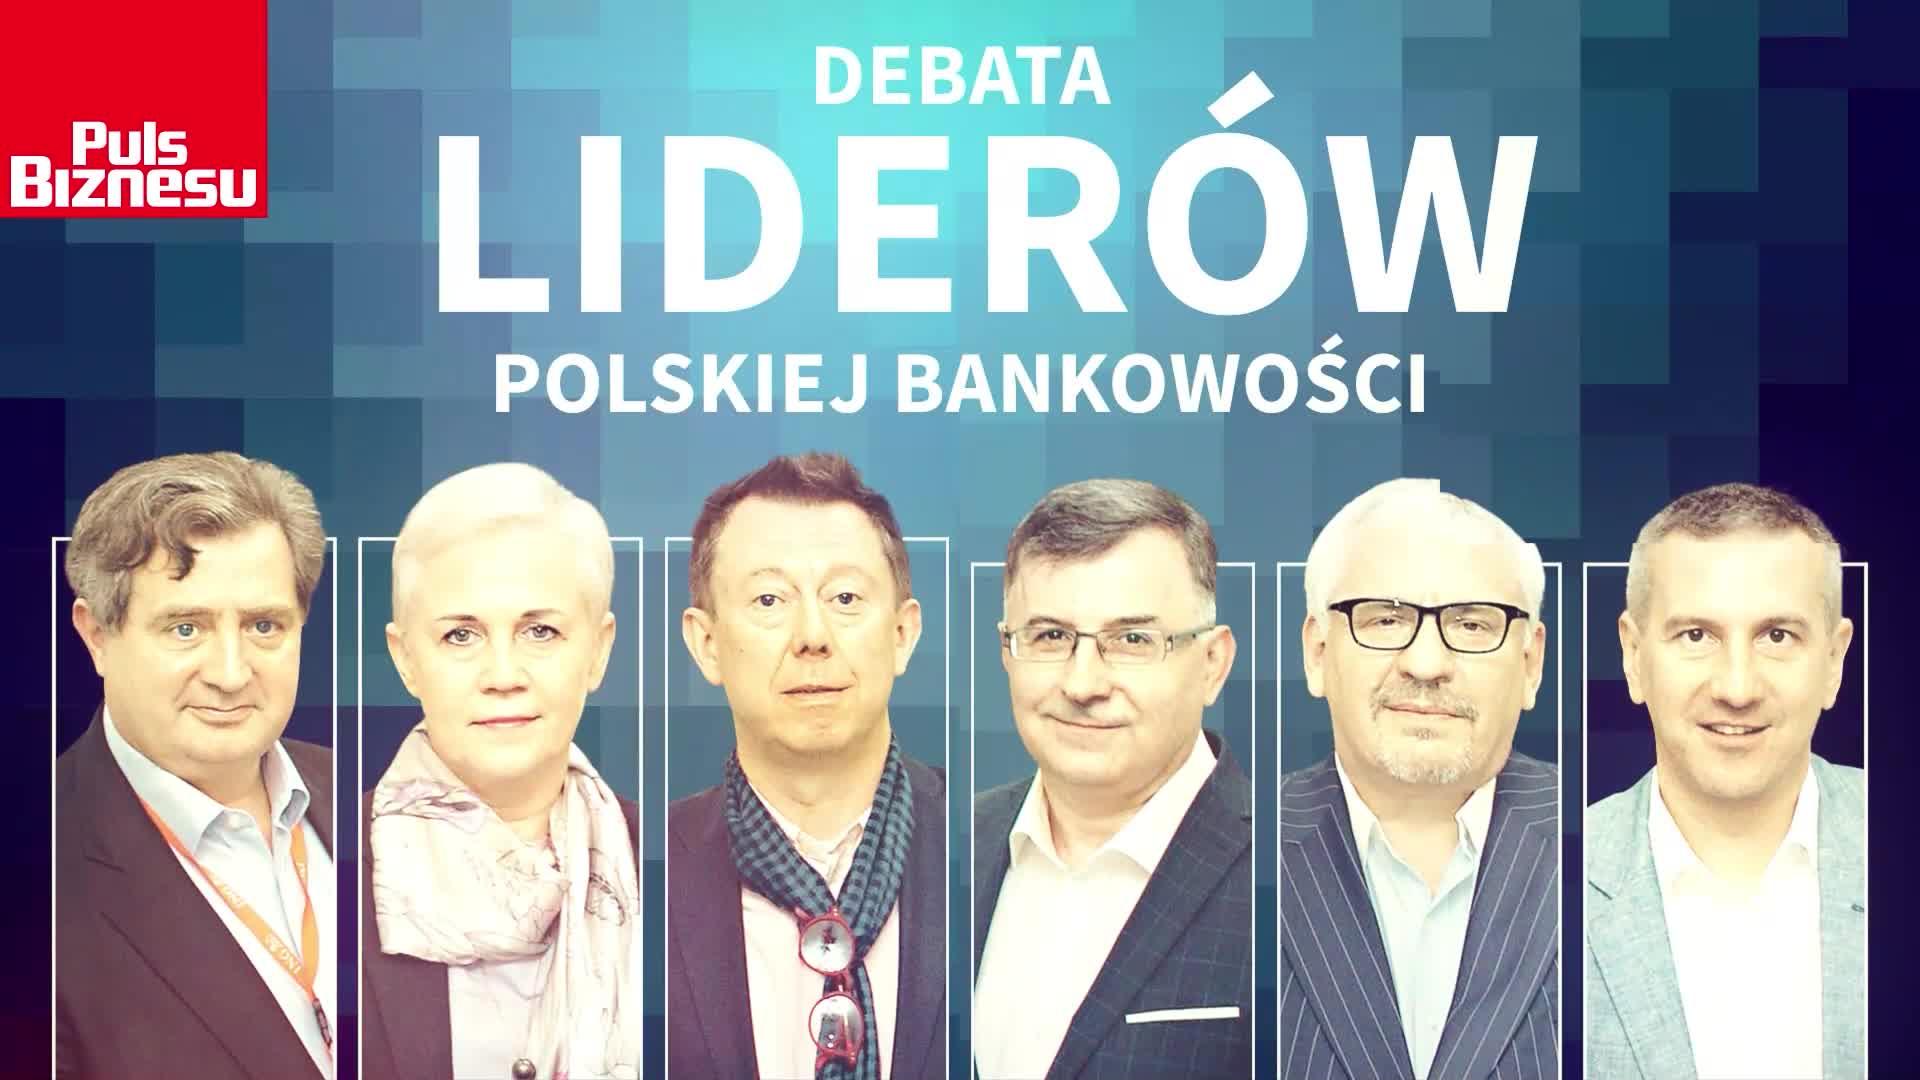 Debata Liderów Polskiej Bankowości